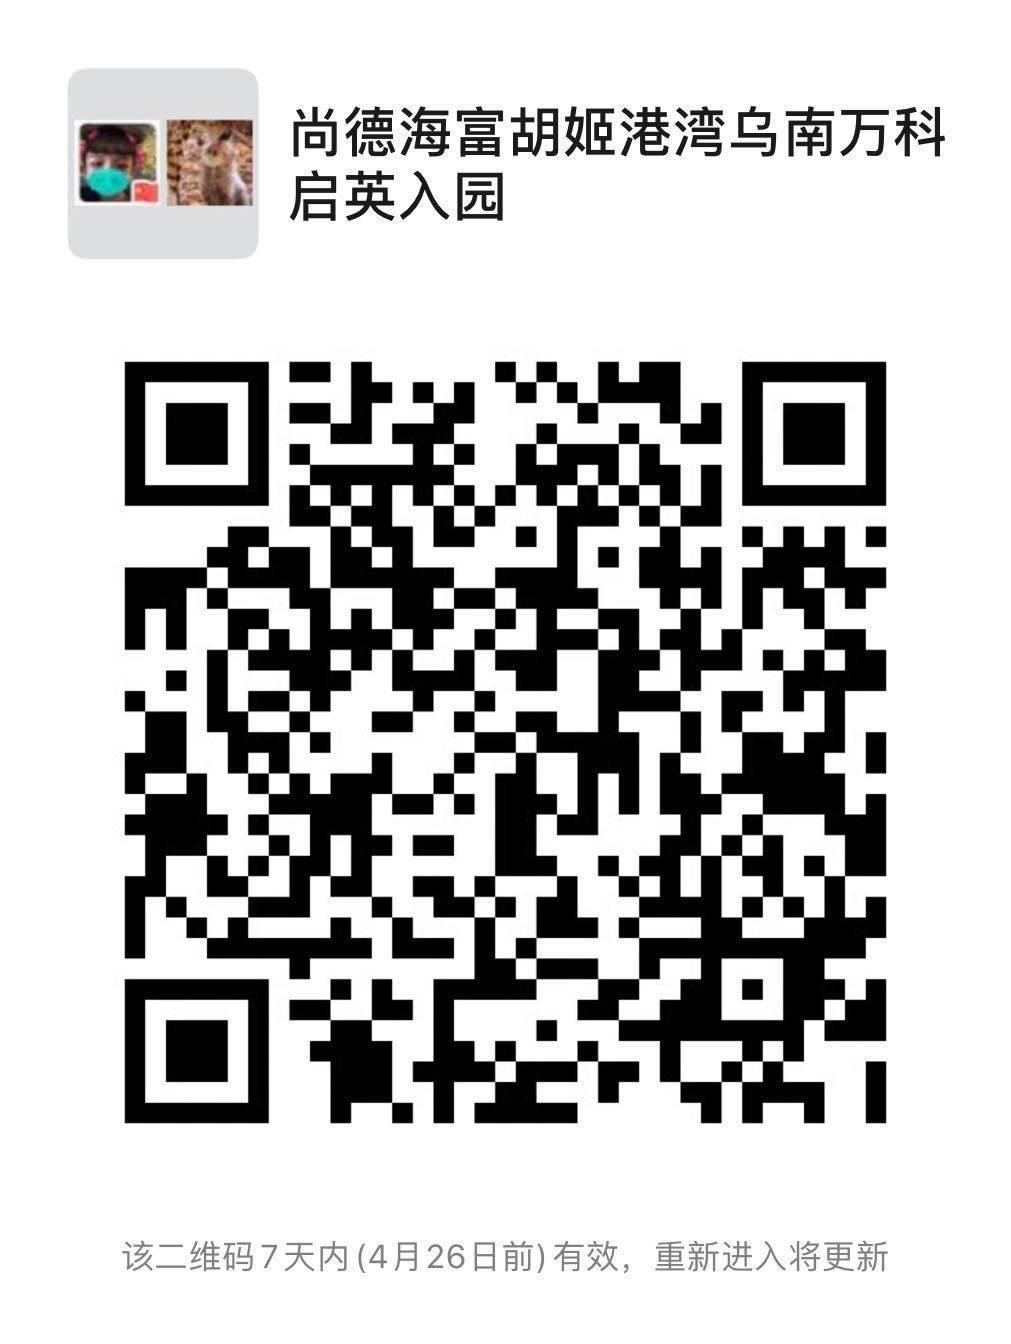 2020-04-19 18.57.15.jpg